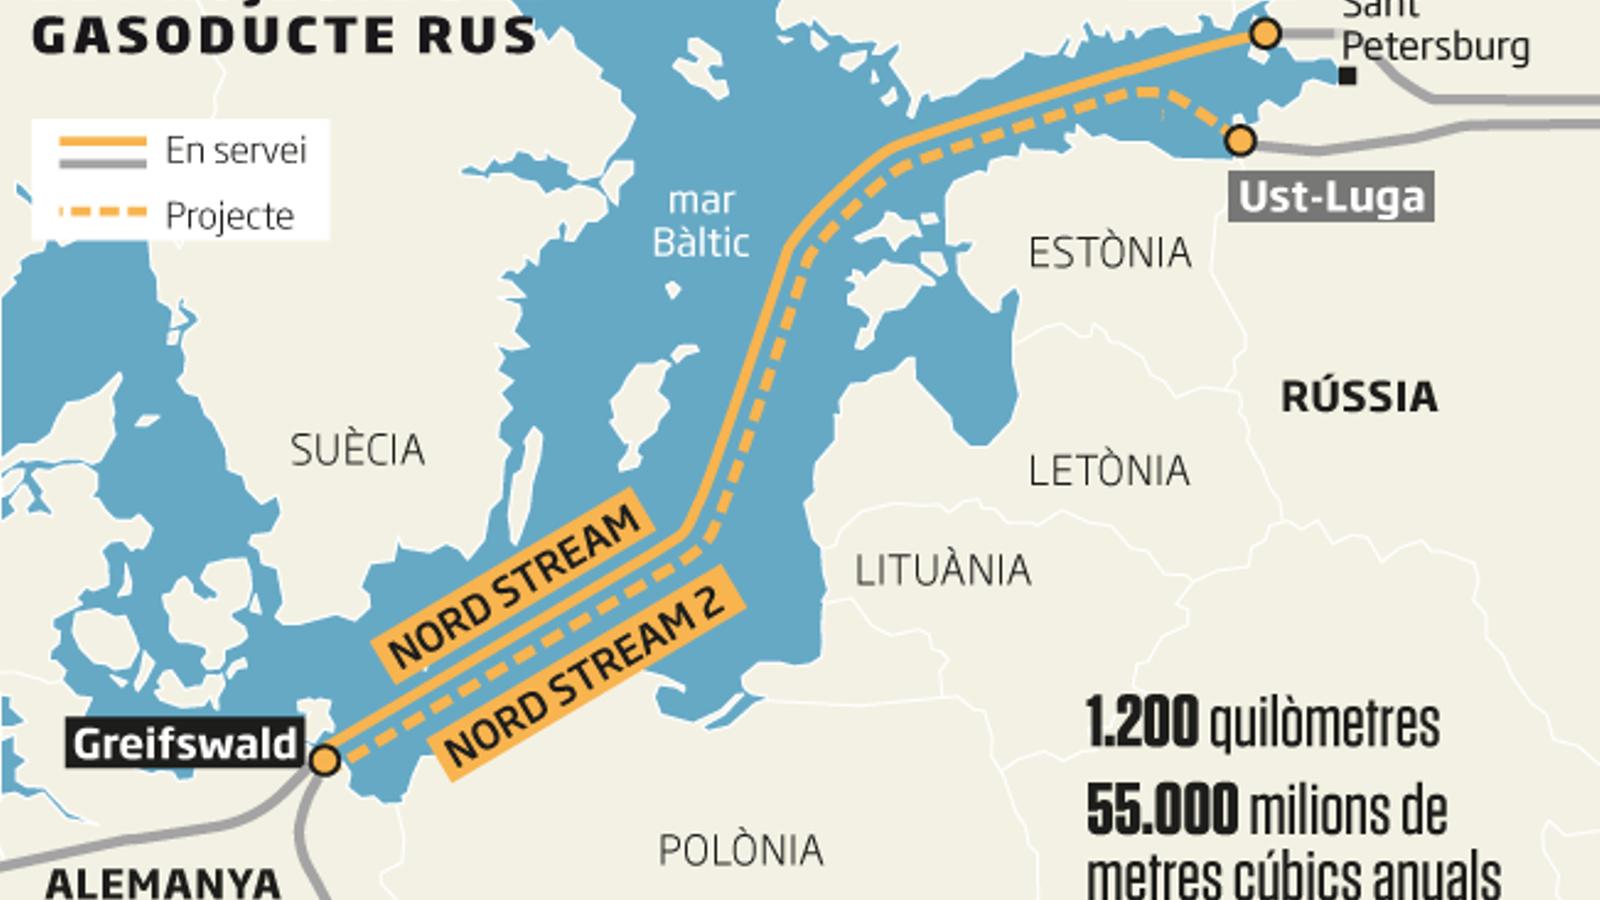 Alemanya, lligada de mans i peus per Rússia en el cas Navalni